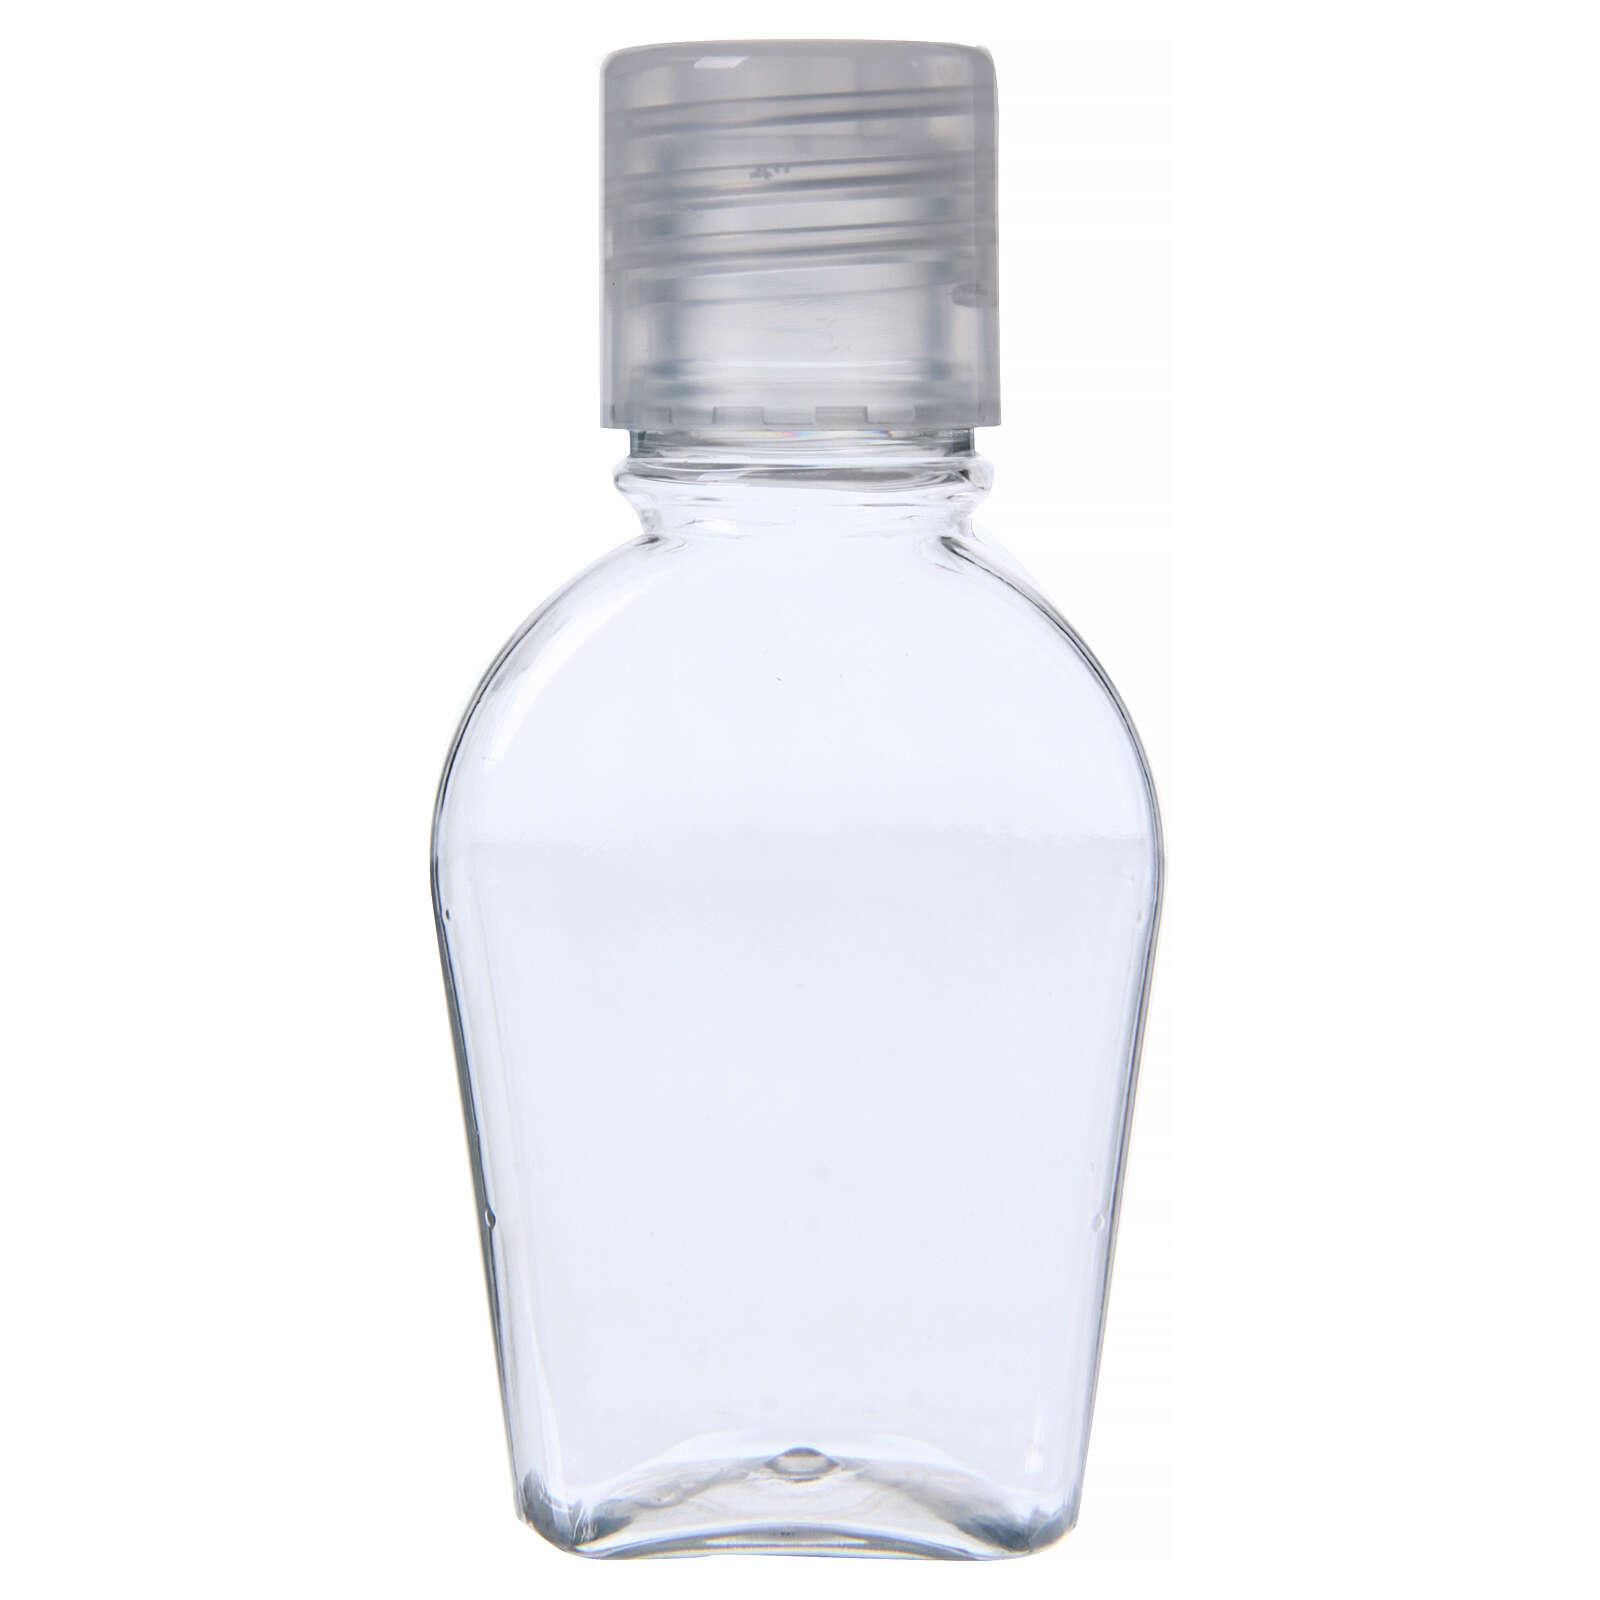 Garrafinhas para Água Benta transparentes 30 ml (EMBALAGEM DE 100 PEÇAS) 3